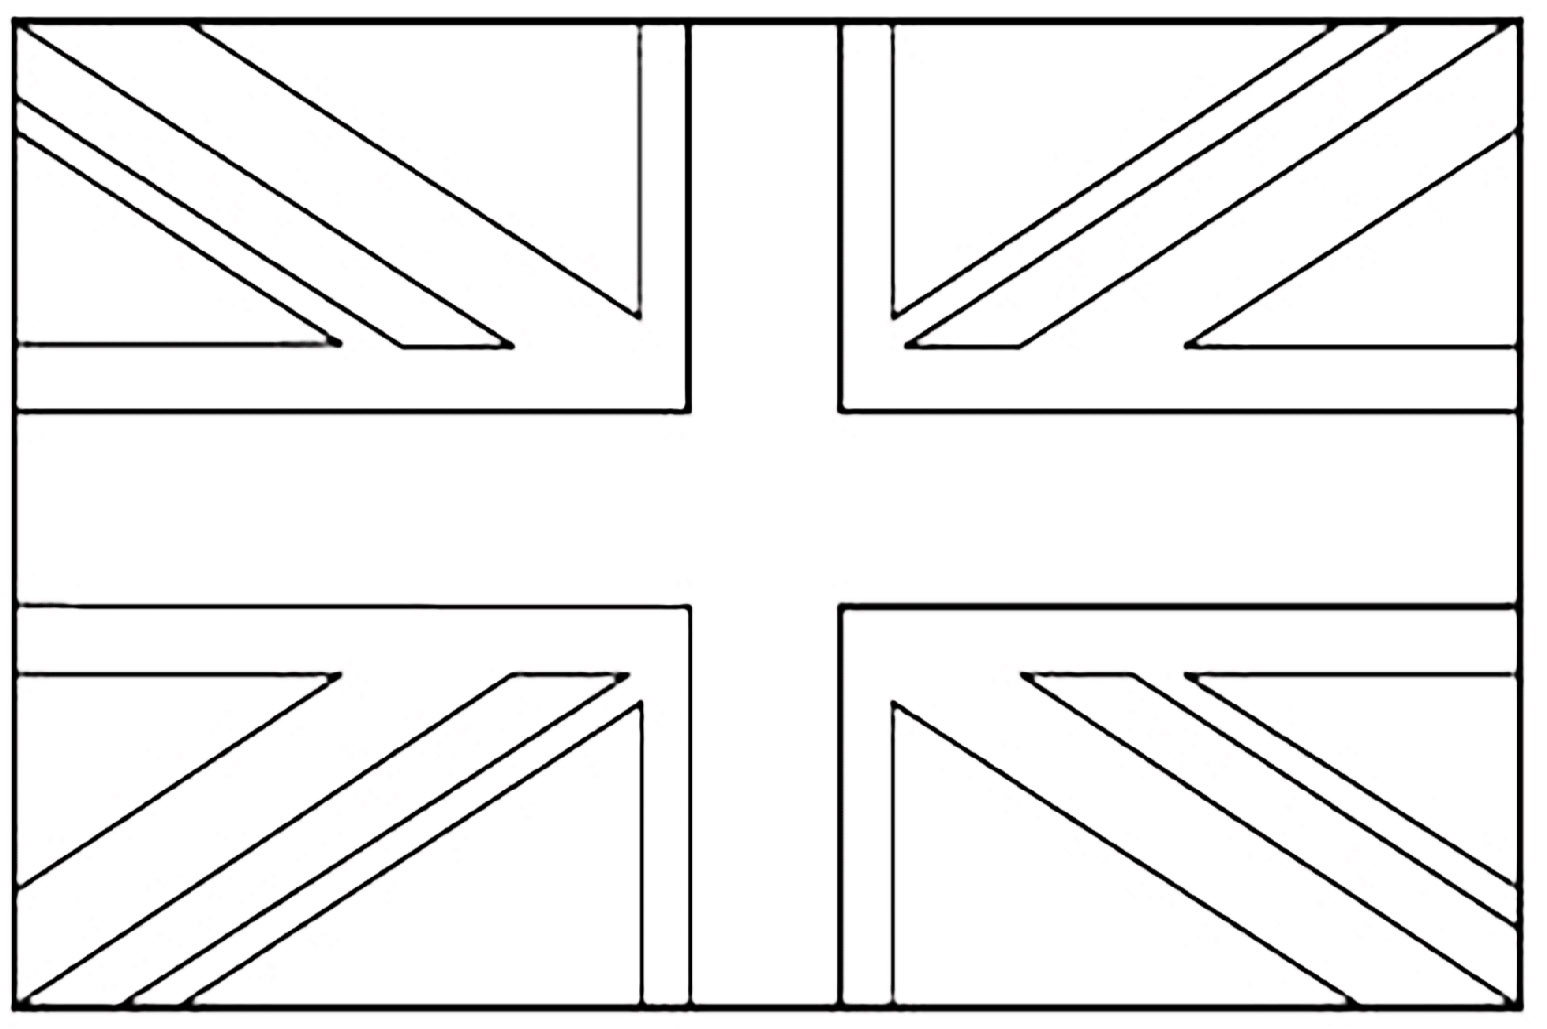 Free Printable Union Jack Flag To Colour